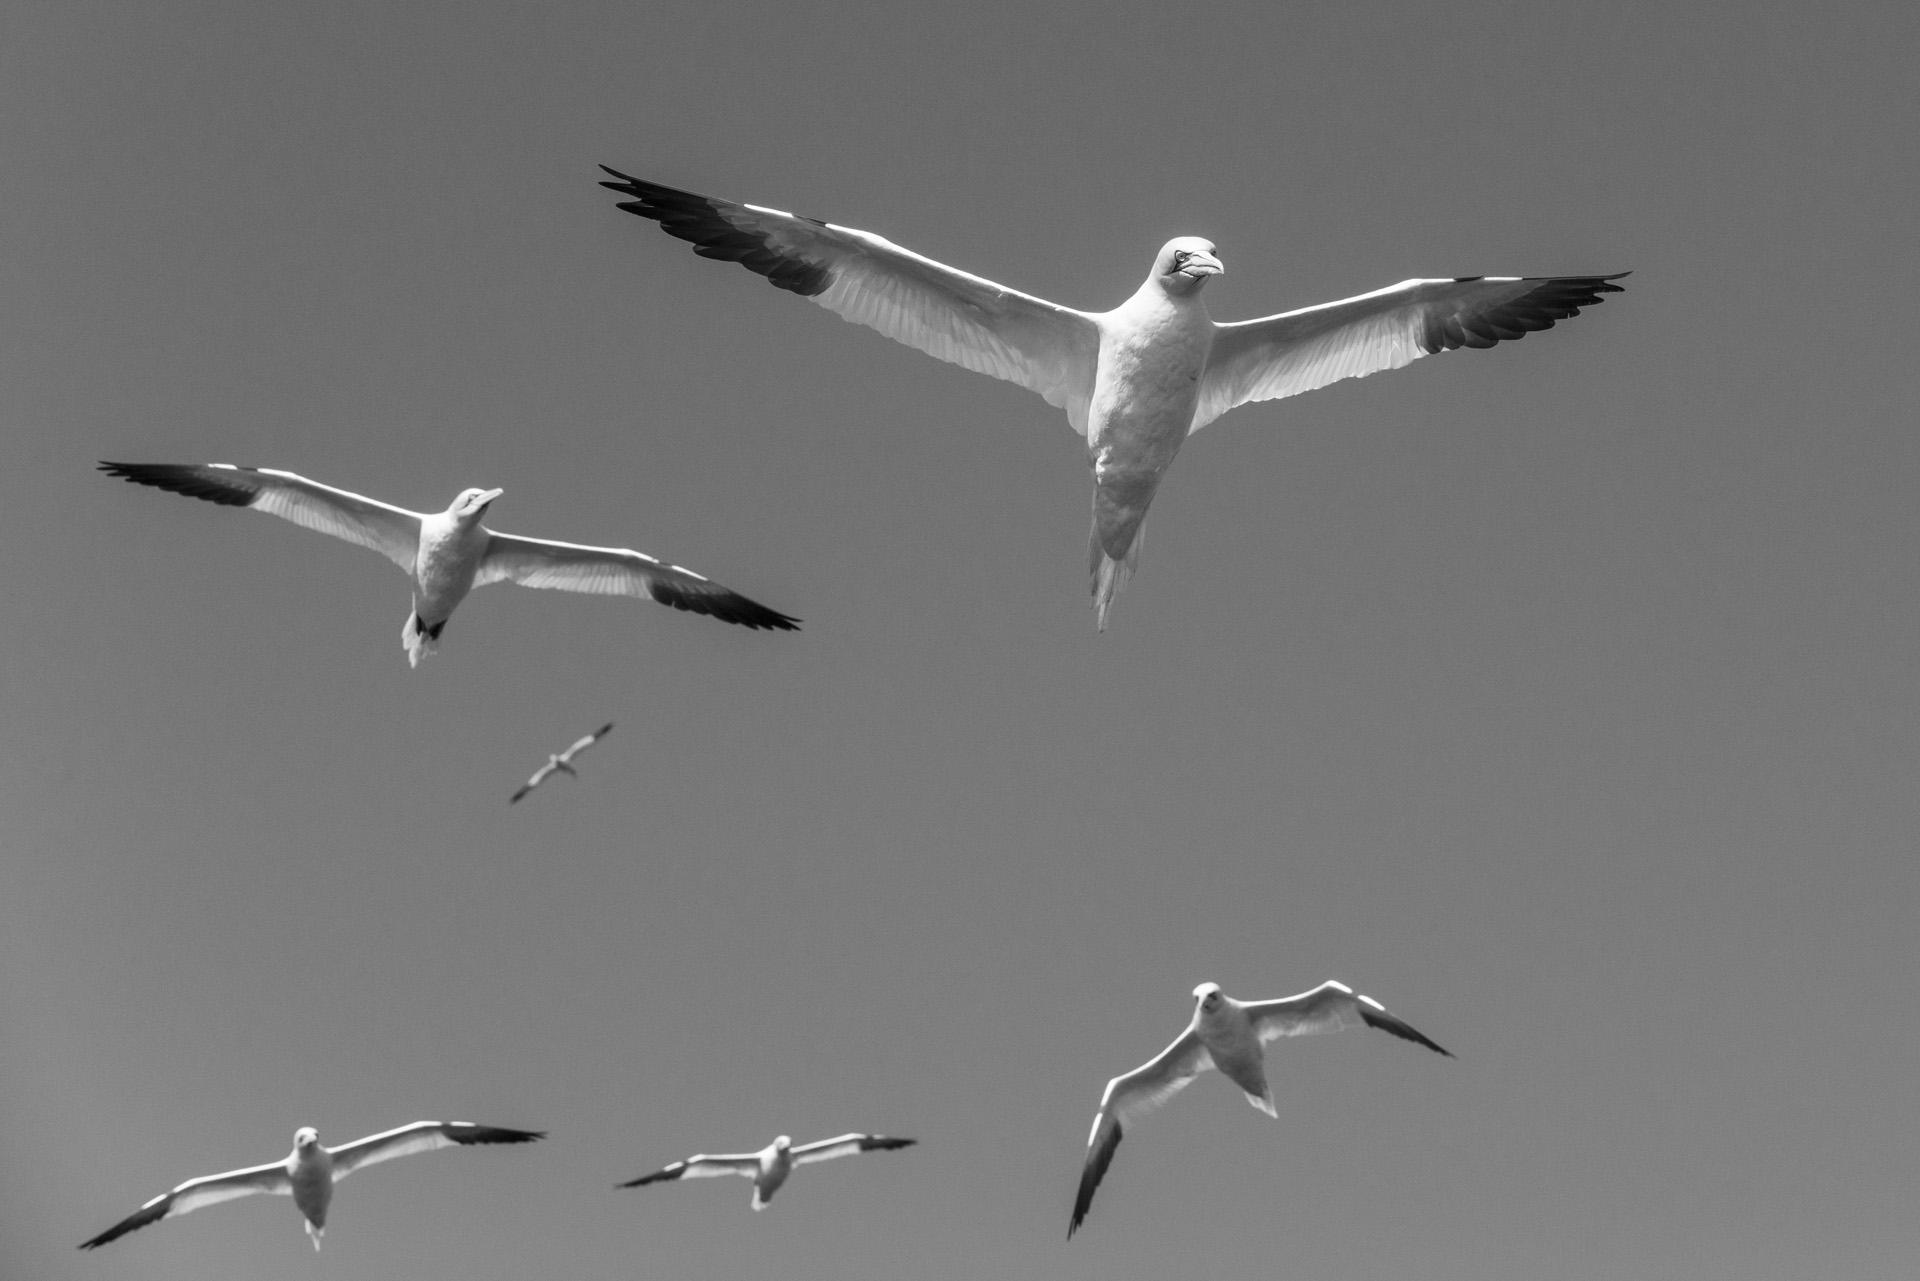 Northern gannets in flight, Noss National Nature Reserve, Noss, Shetland Islands, Scotland